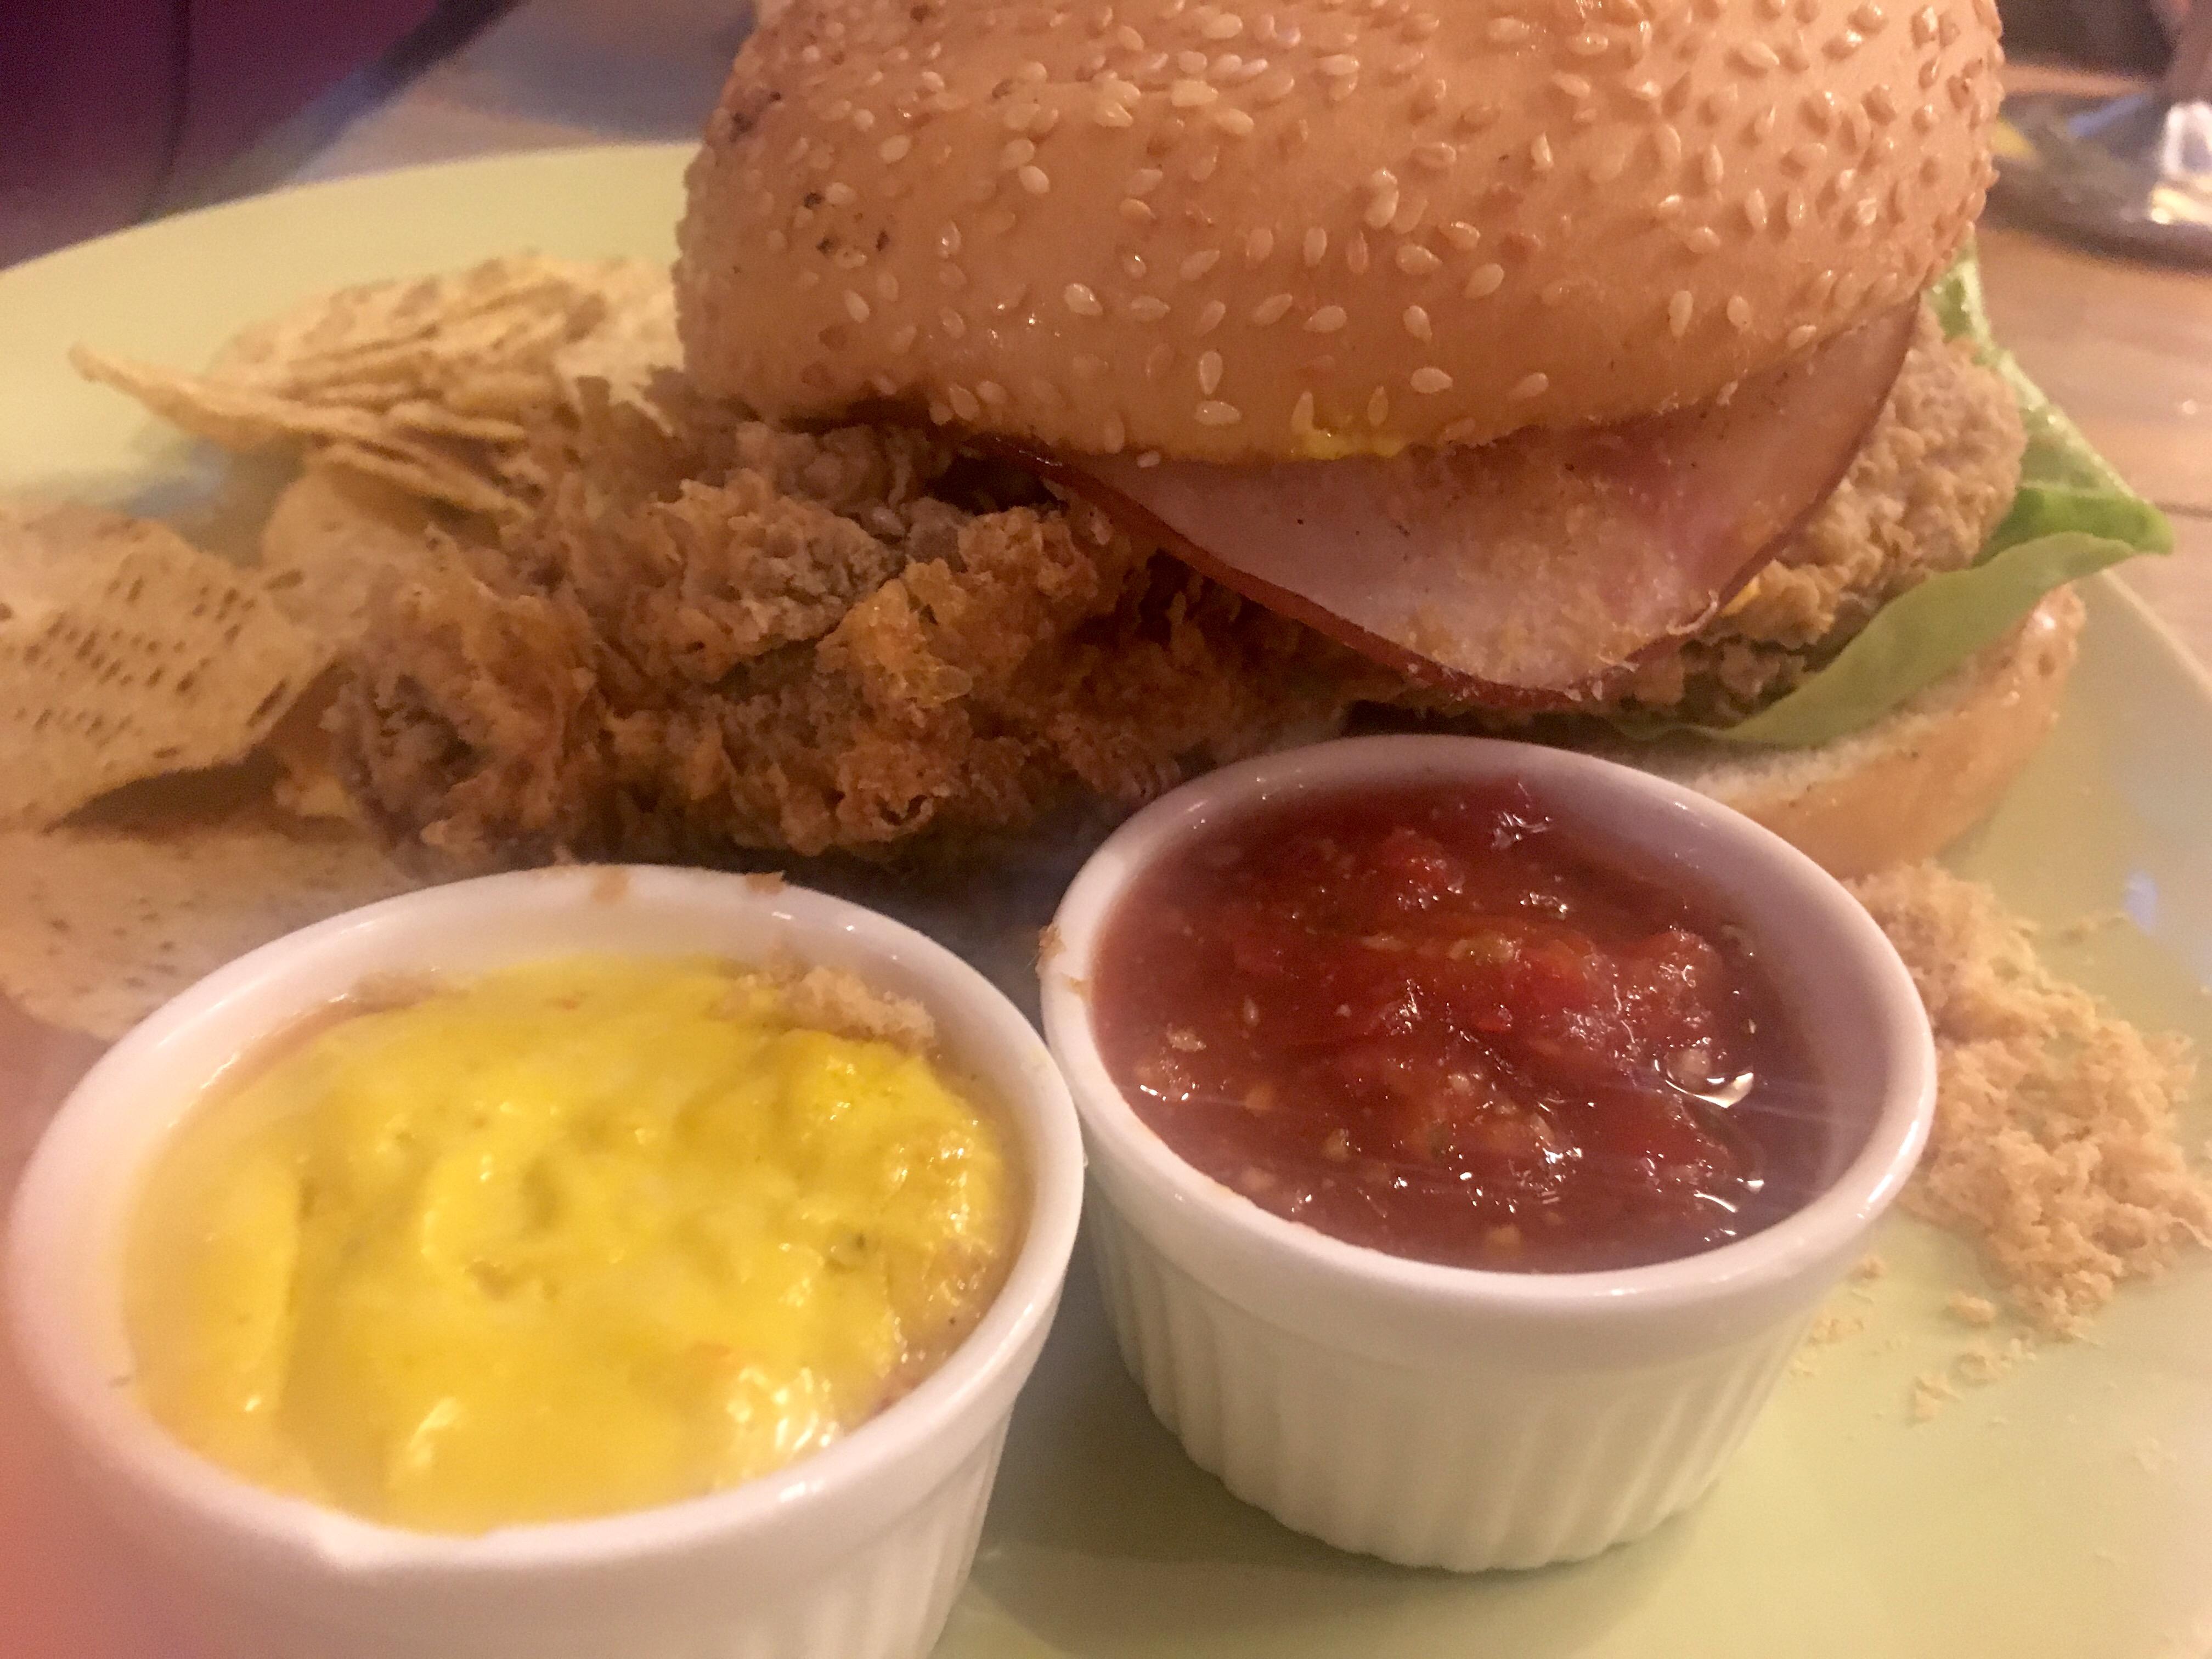 Kaw Kaw SG - The Permaisuri Burger